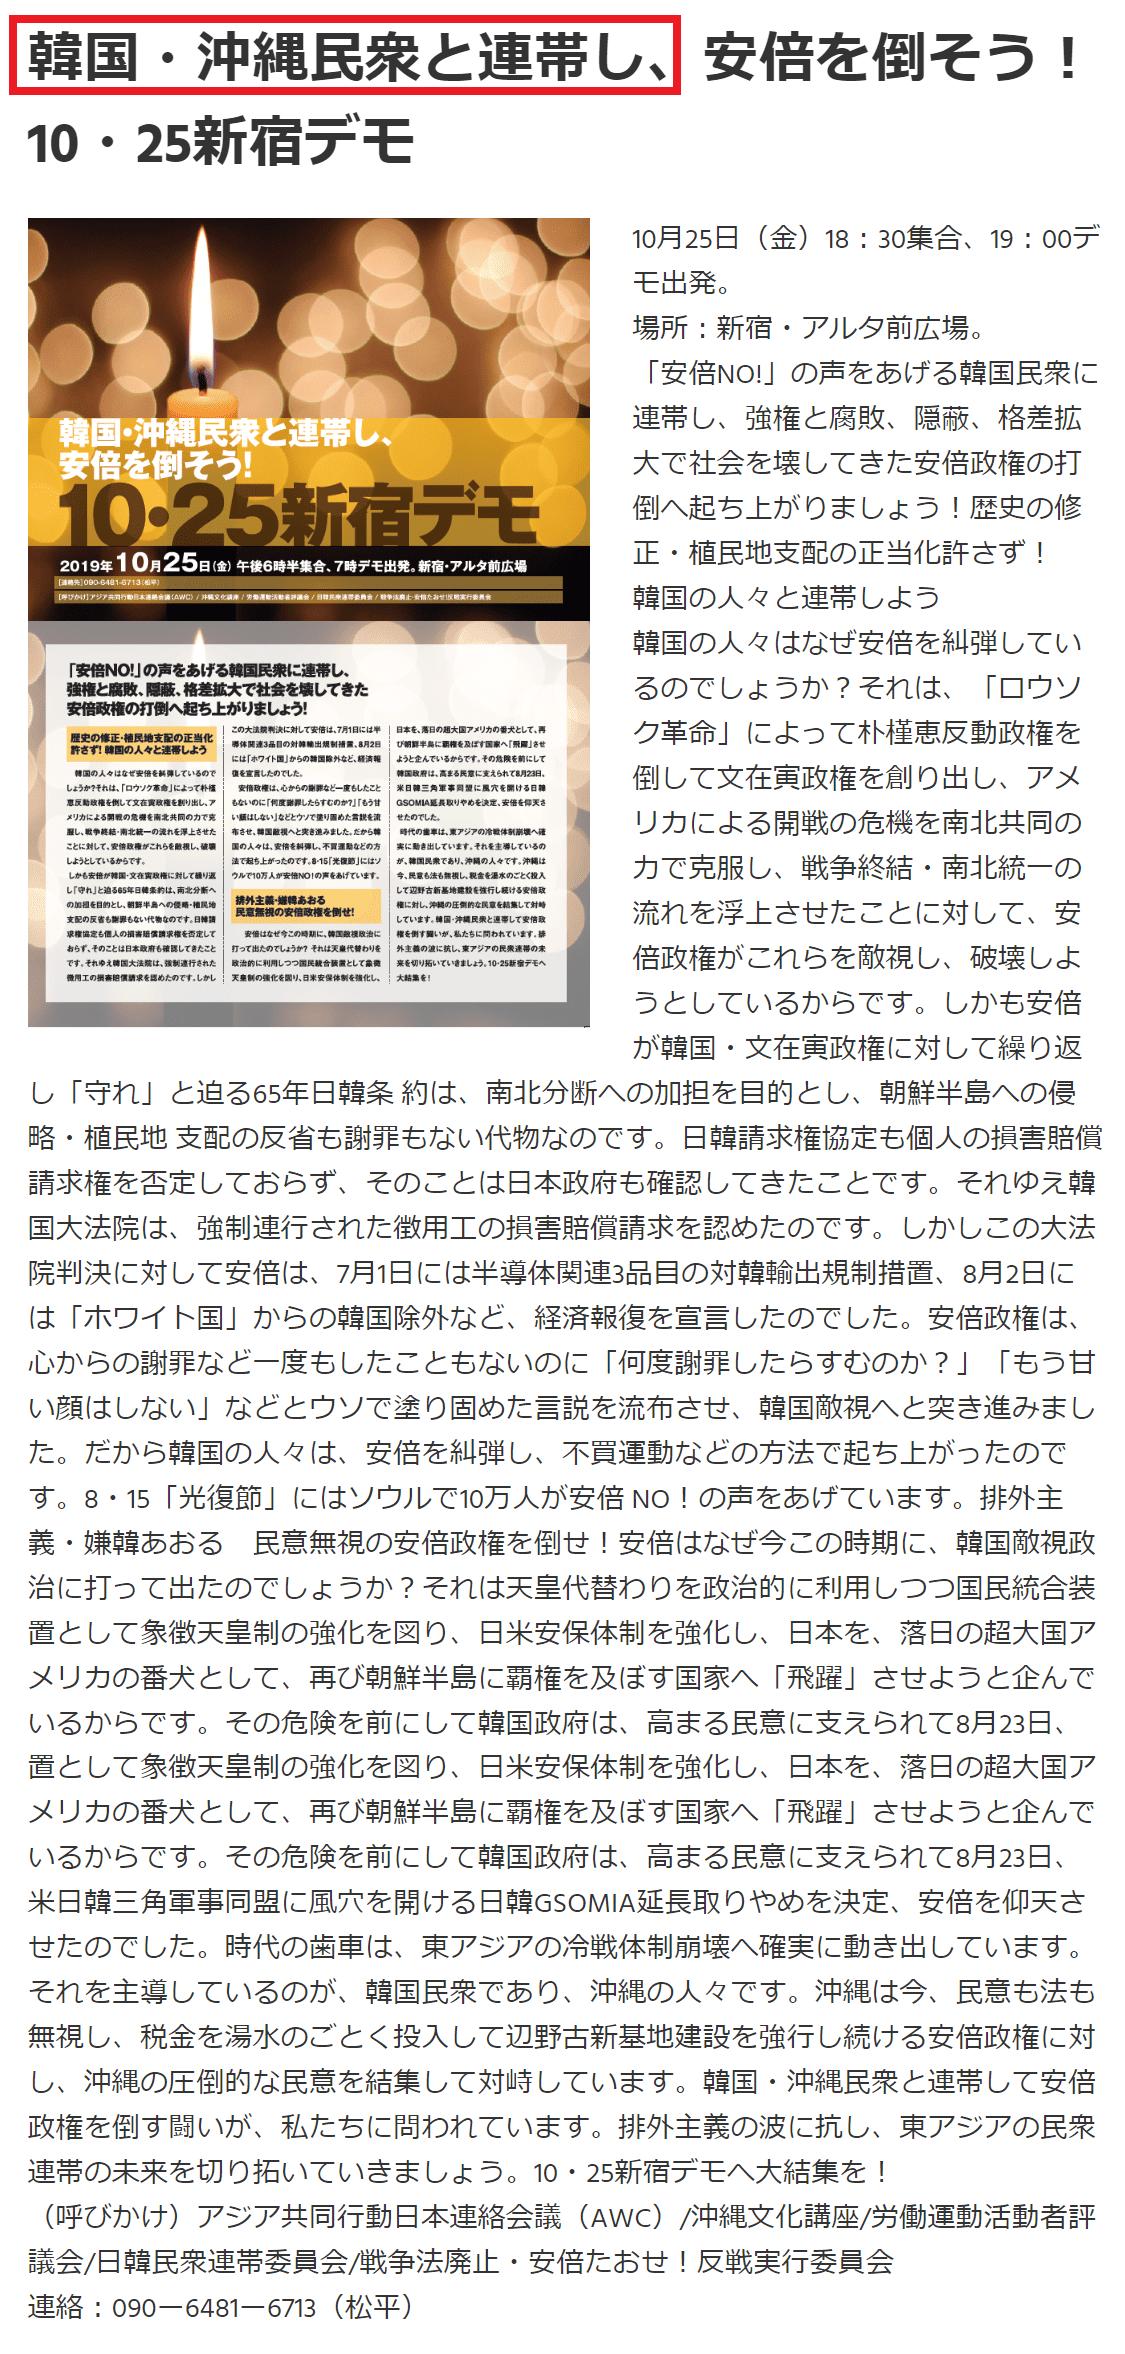 人民新聞「韓国・沖縄民衆と連携し、安倍を倒そう!10 25新宿デモ」2